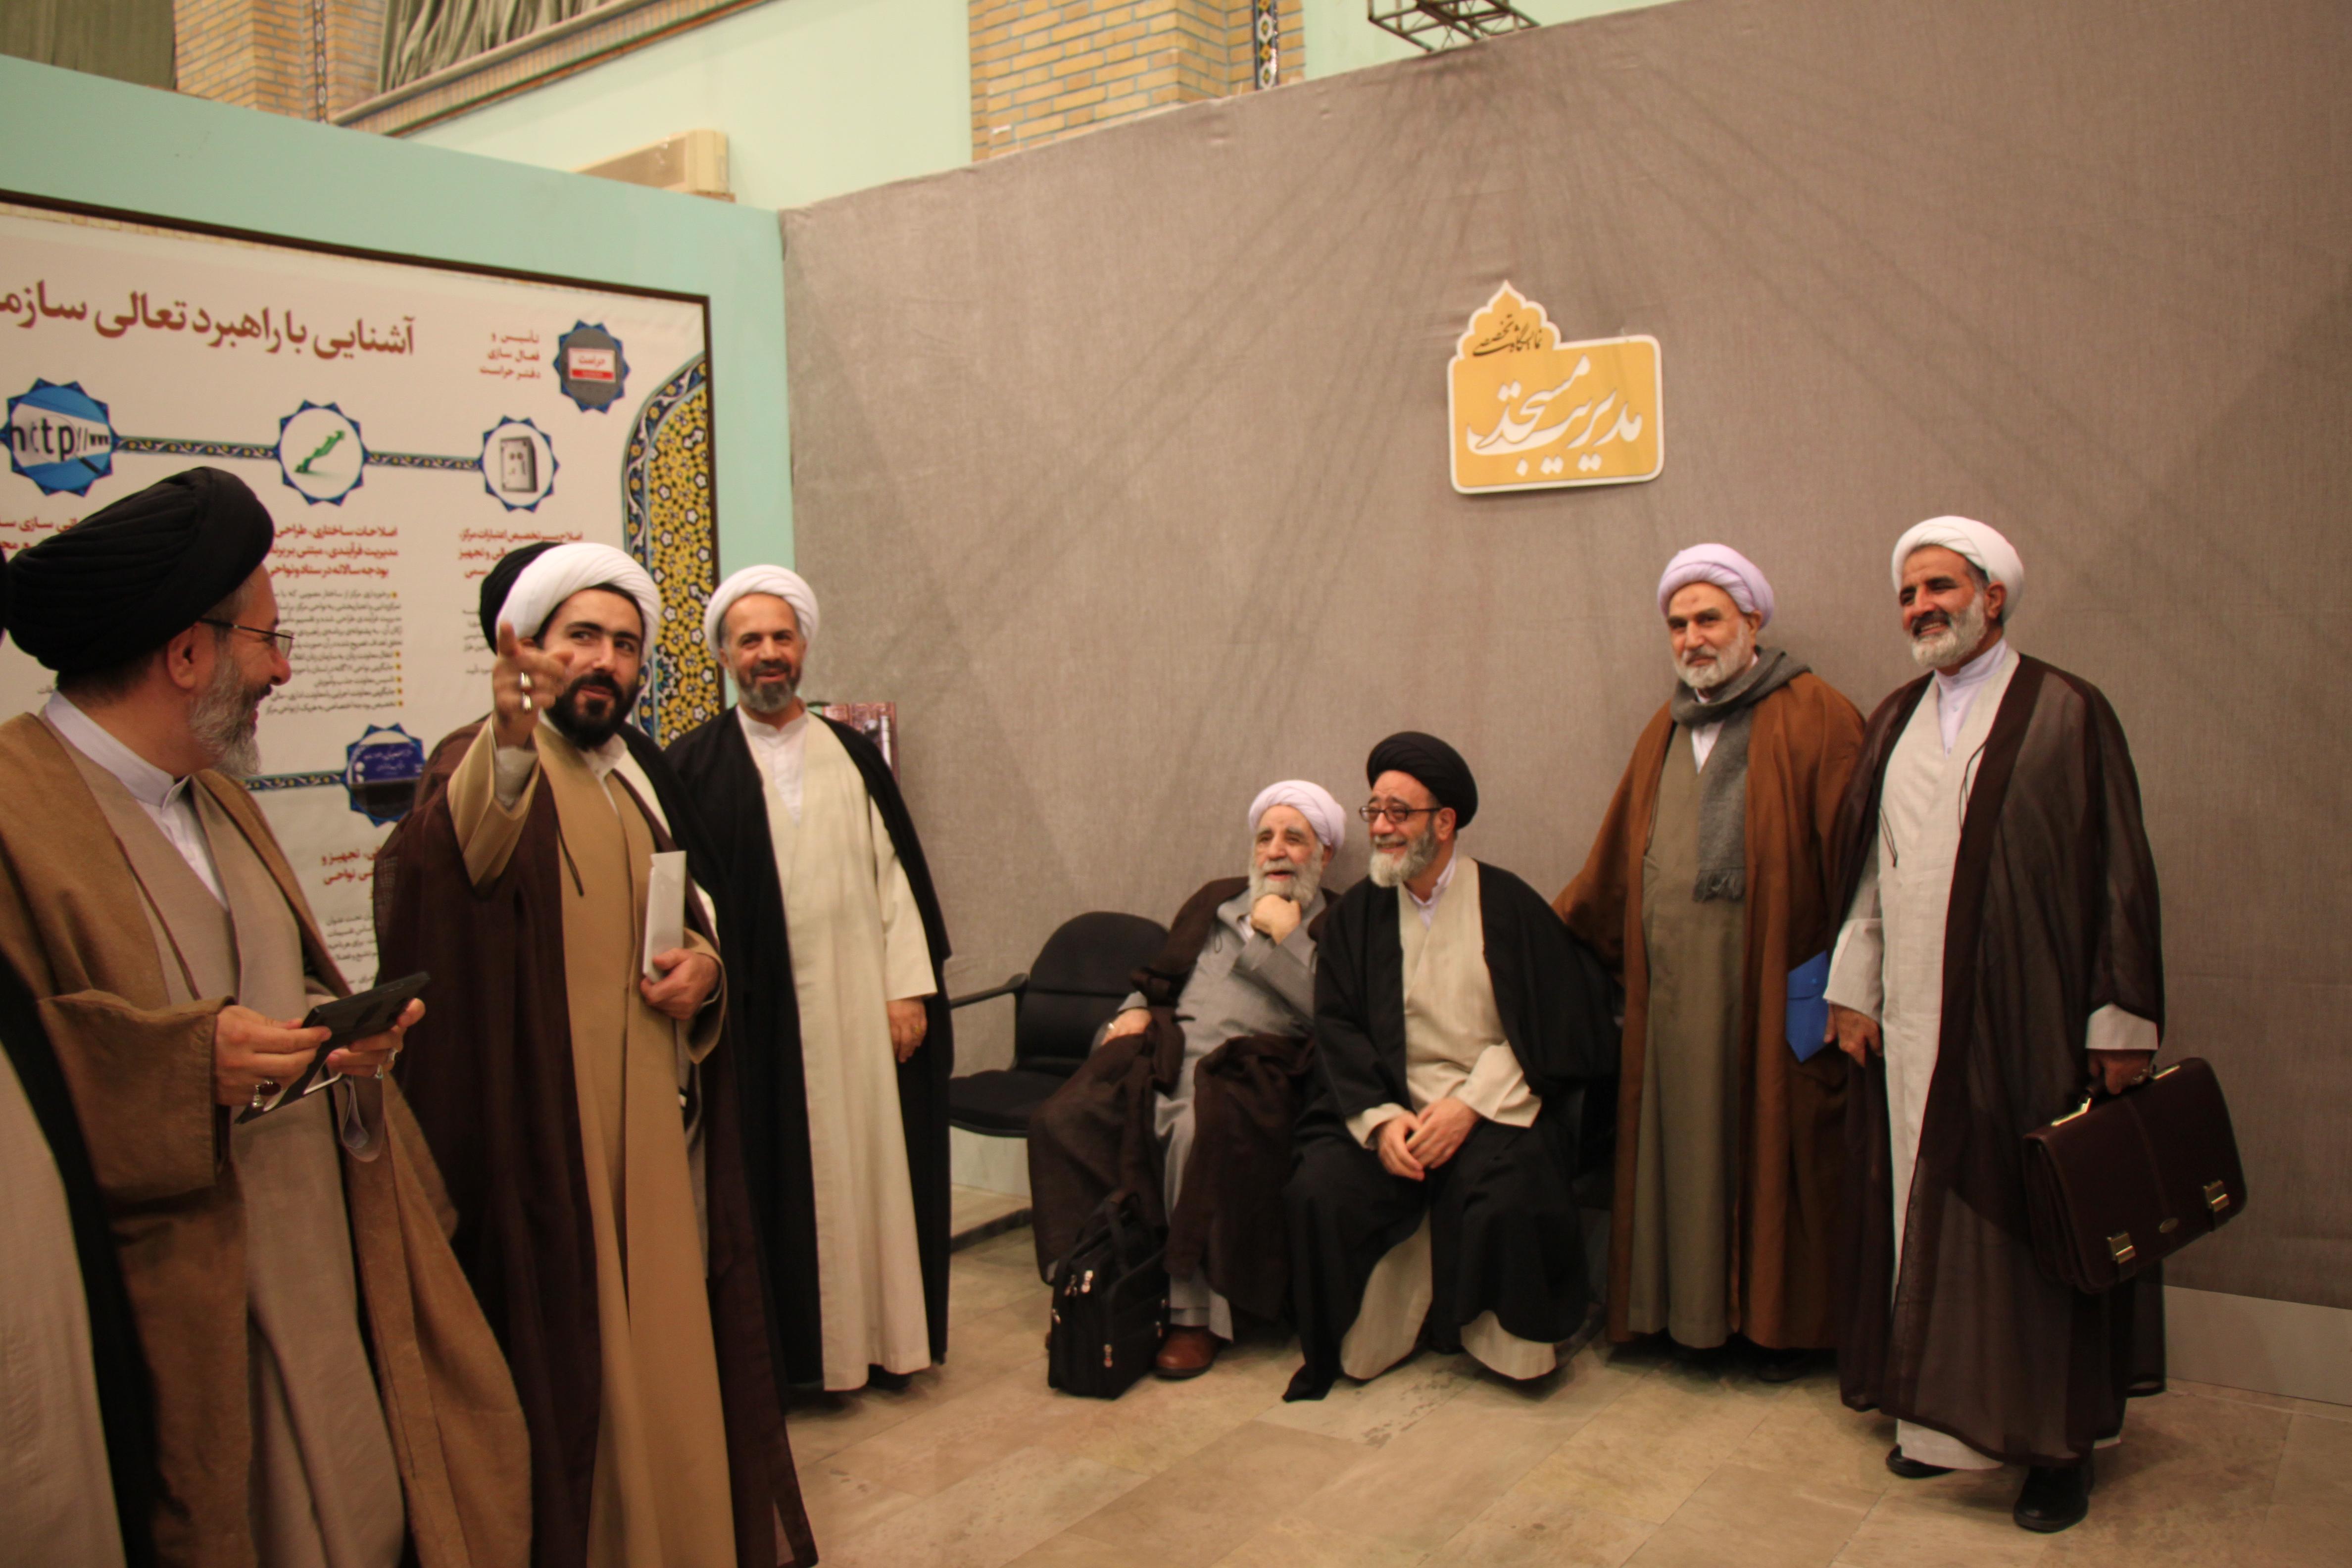 مرکز رسیدگی به امور مساجد یکی از یادگارهای ارزشمند مقام معظم رهبری است